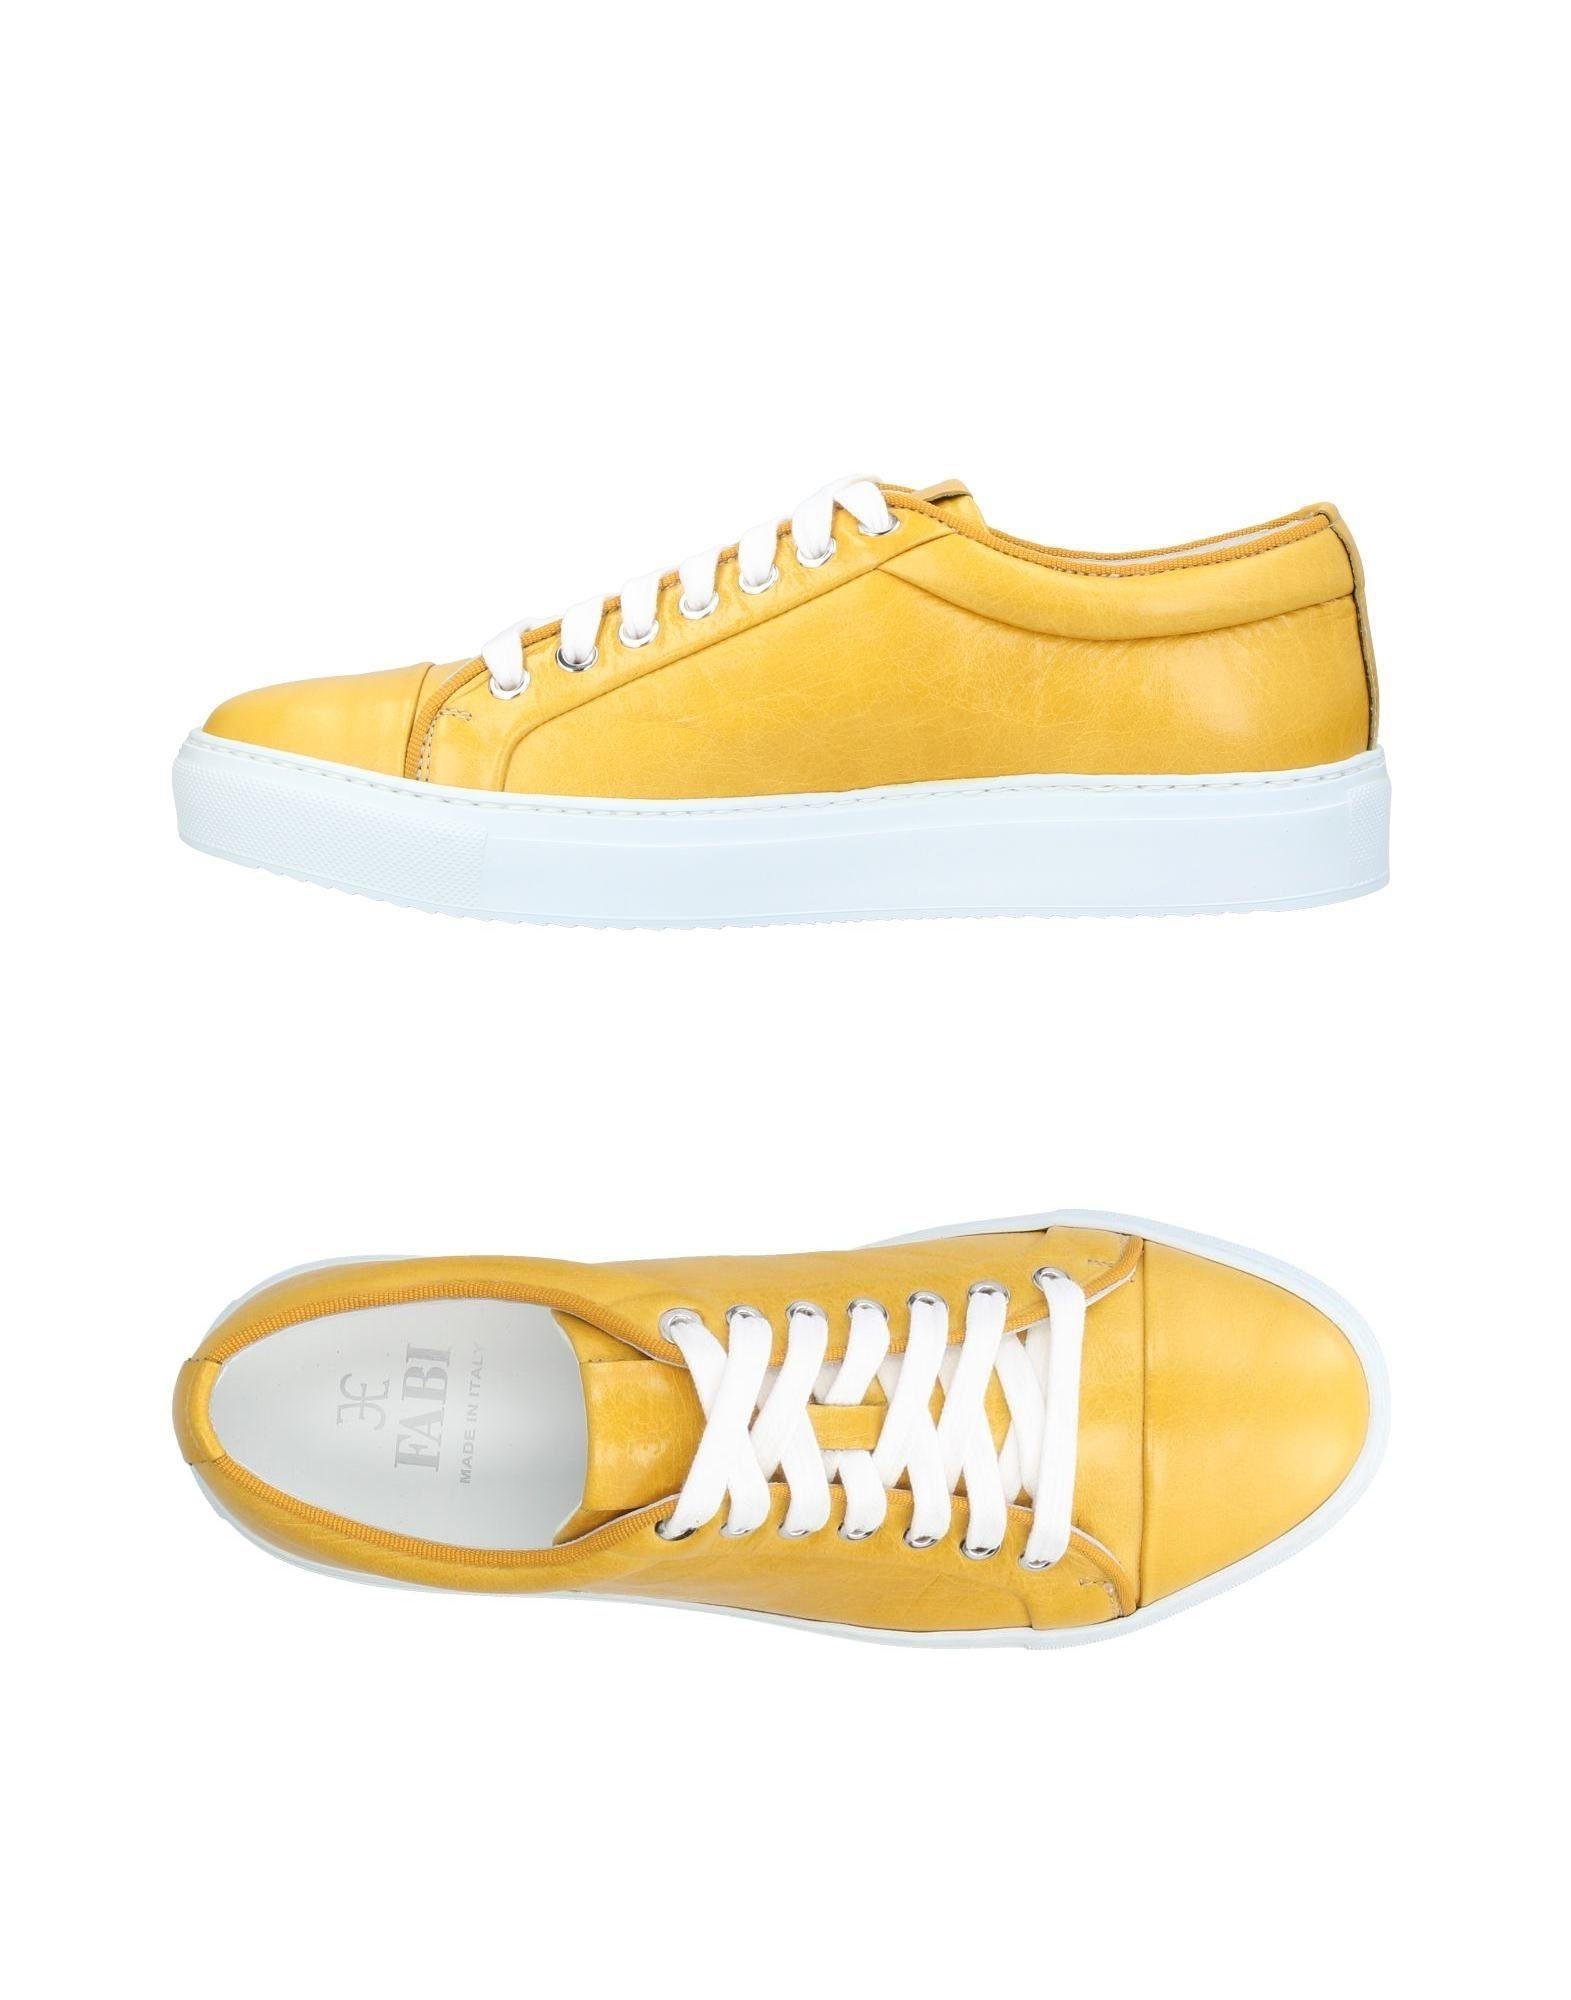 Rabatt echte Schuhe Herren Fabi Sneakers Herren Schuhe  11415539HU 78ad6a